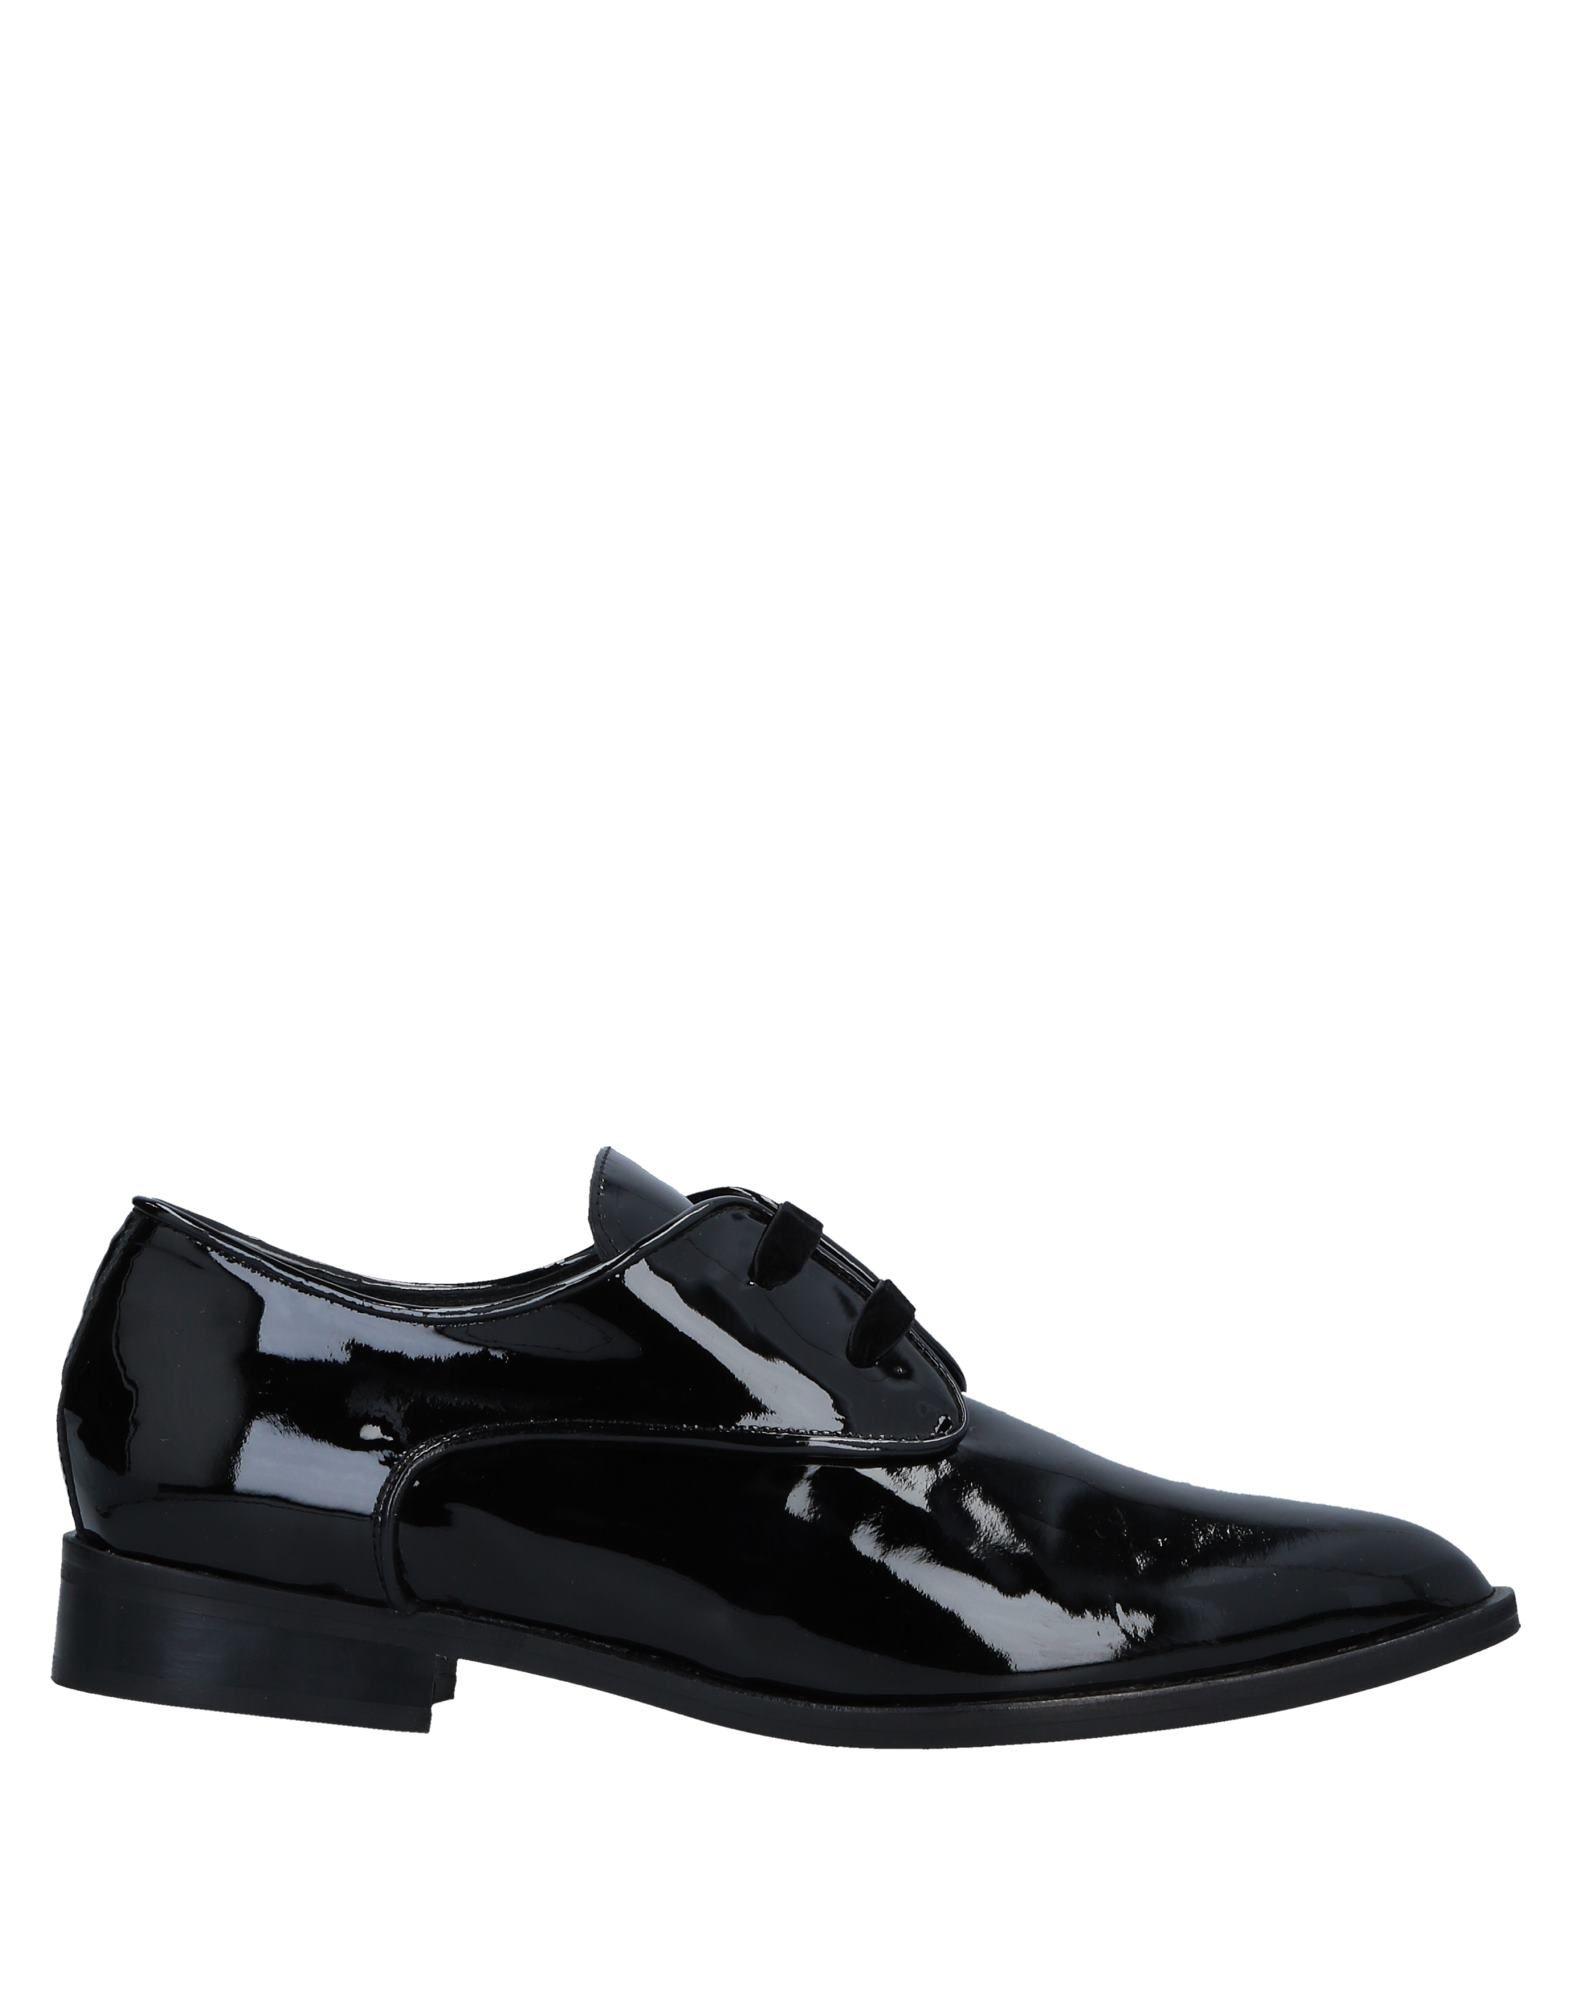 Stringate Maison Shoeshibar Donna - 11537962GF